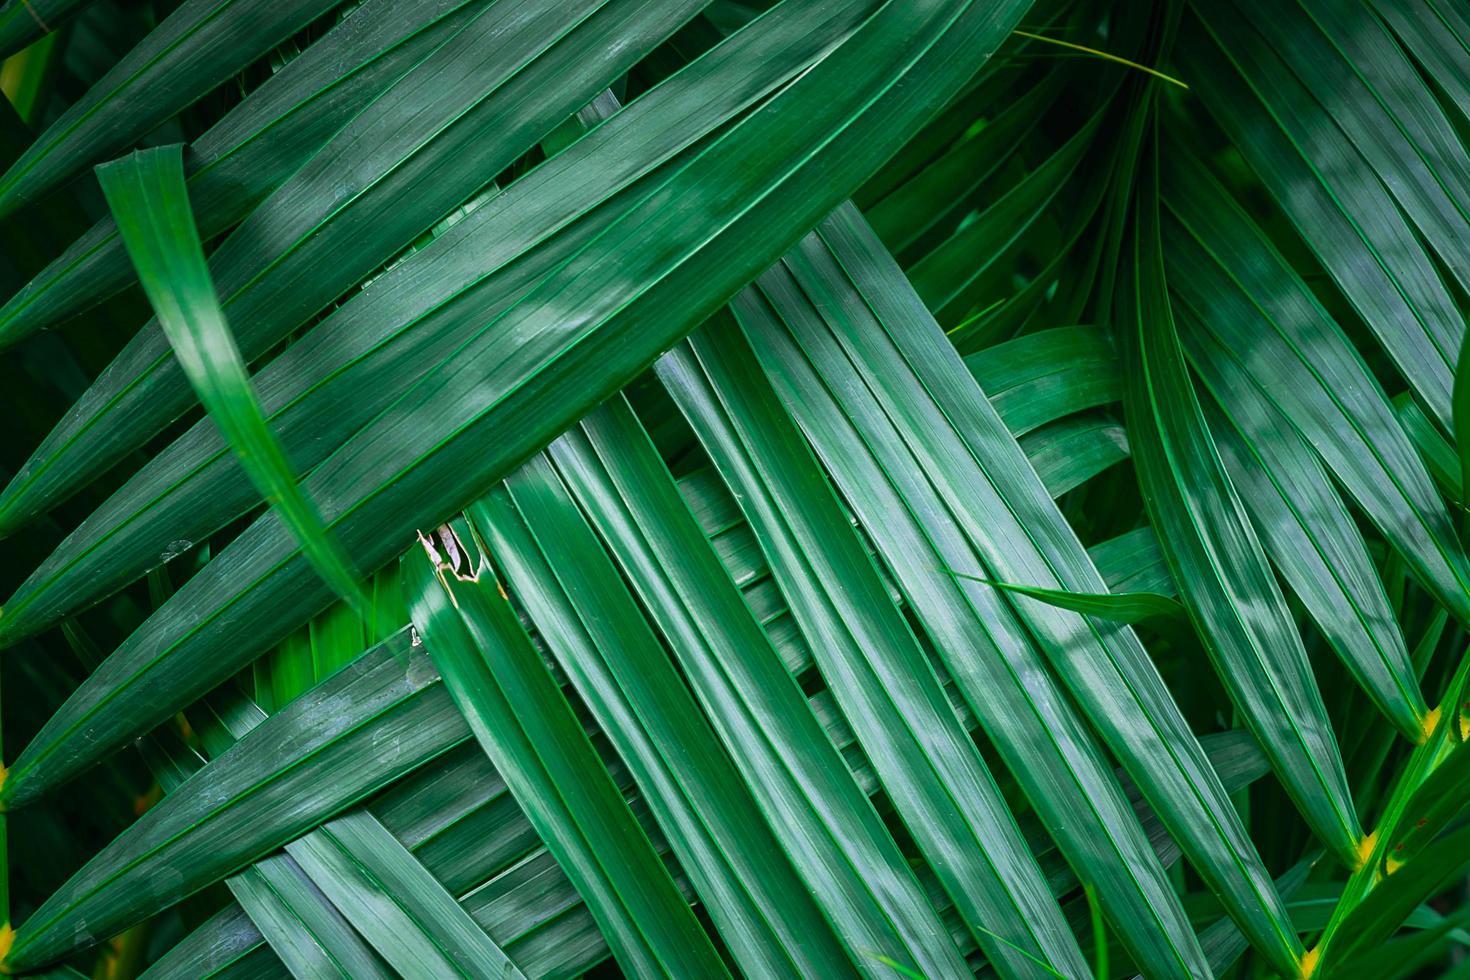 primer plano, de, verde, hojas de palma foto